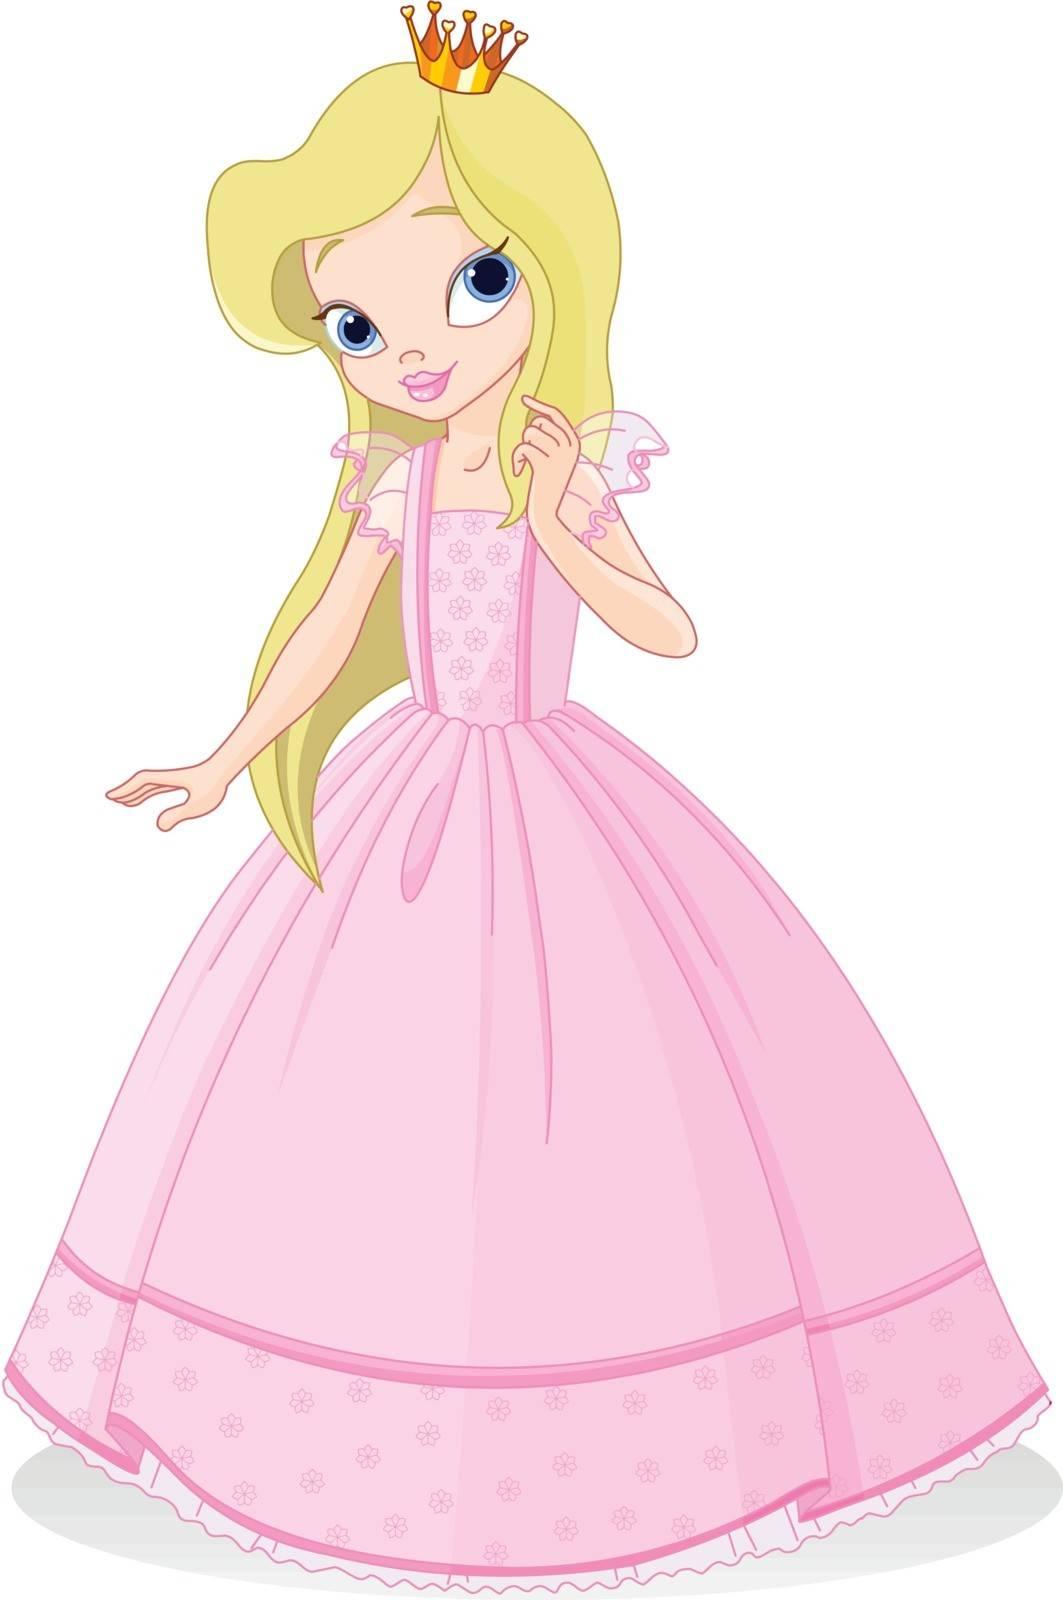 Very cute beautiful princess